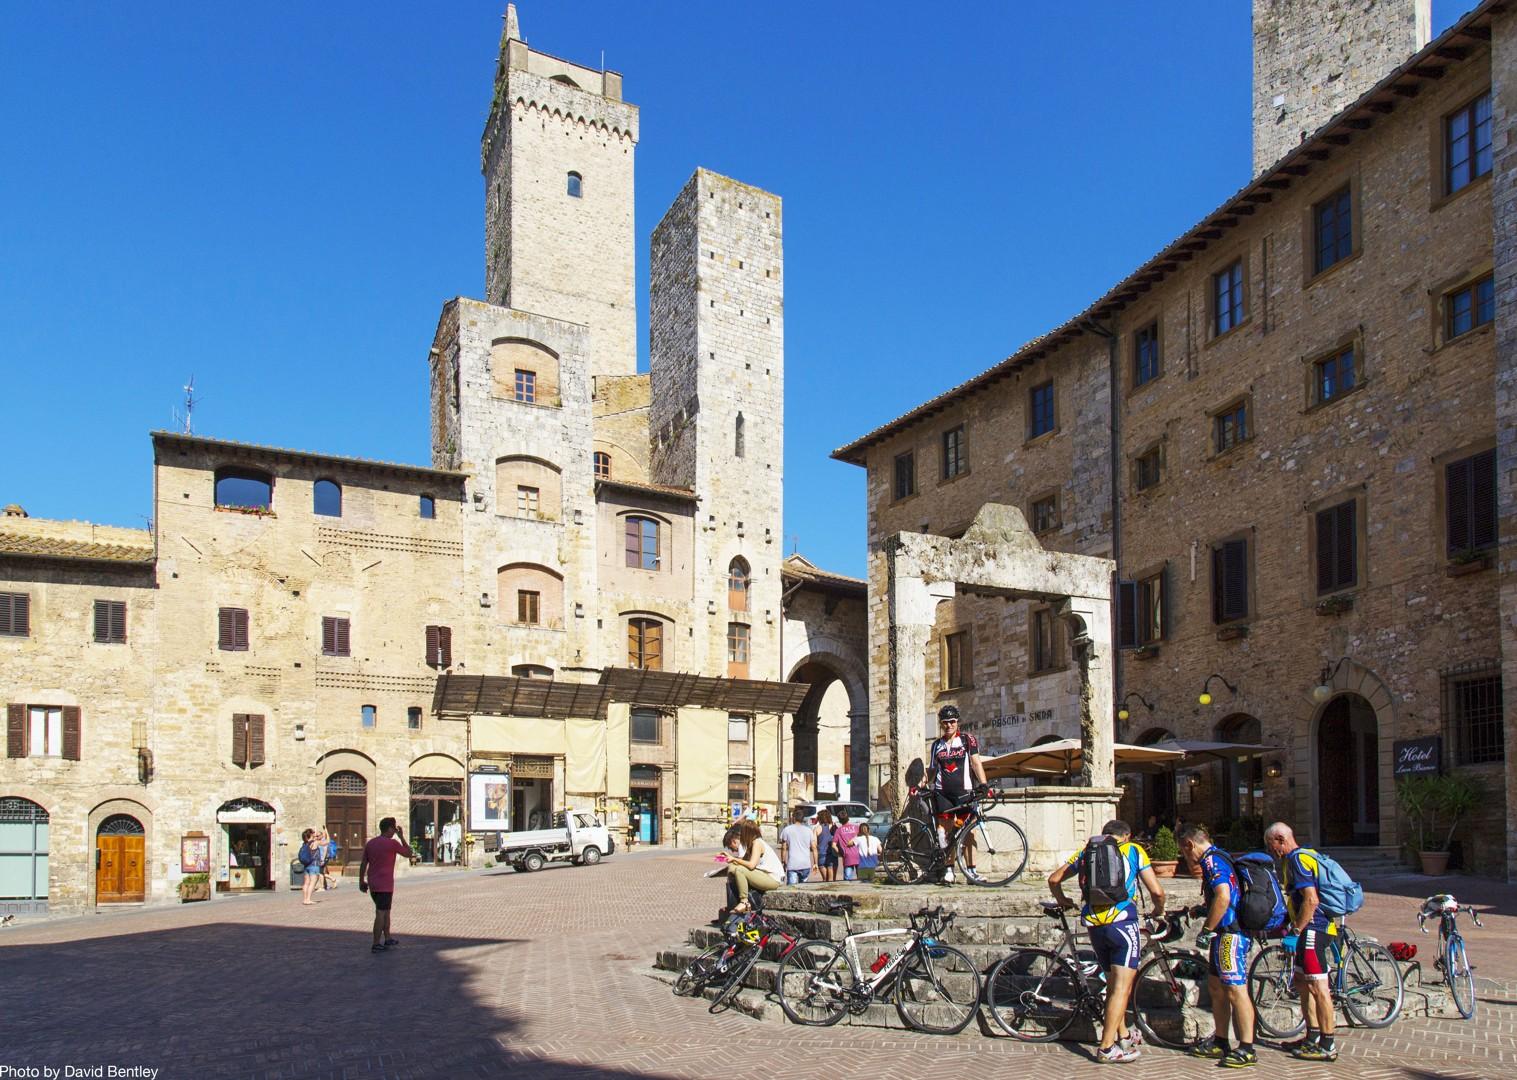 tuscany-road-cycling.jpg - Italy - Tuscany Tourer - Guided Road Cycling Holiday - Road Cycling